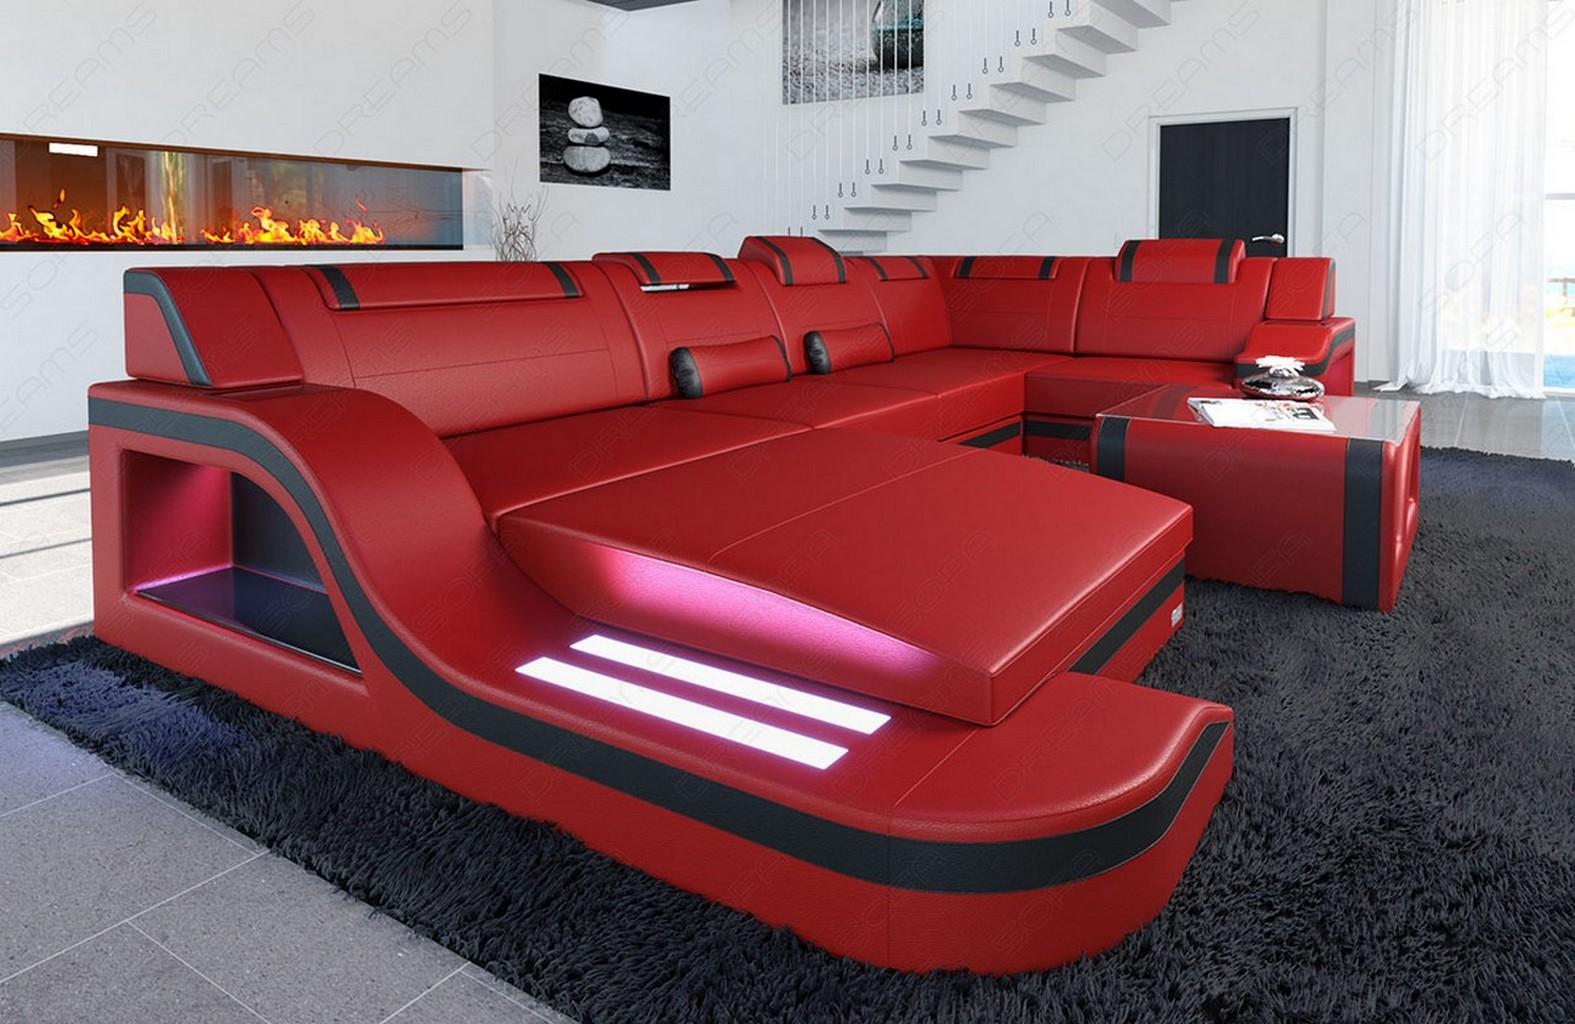 designsofa palermo in u form mit led beleuchtung mega sofa rot schwarz ebay. Black Bedroom Furniture Sets. Home Design Ideas